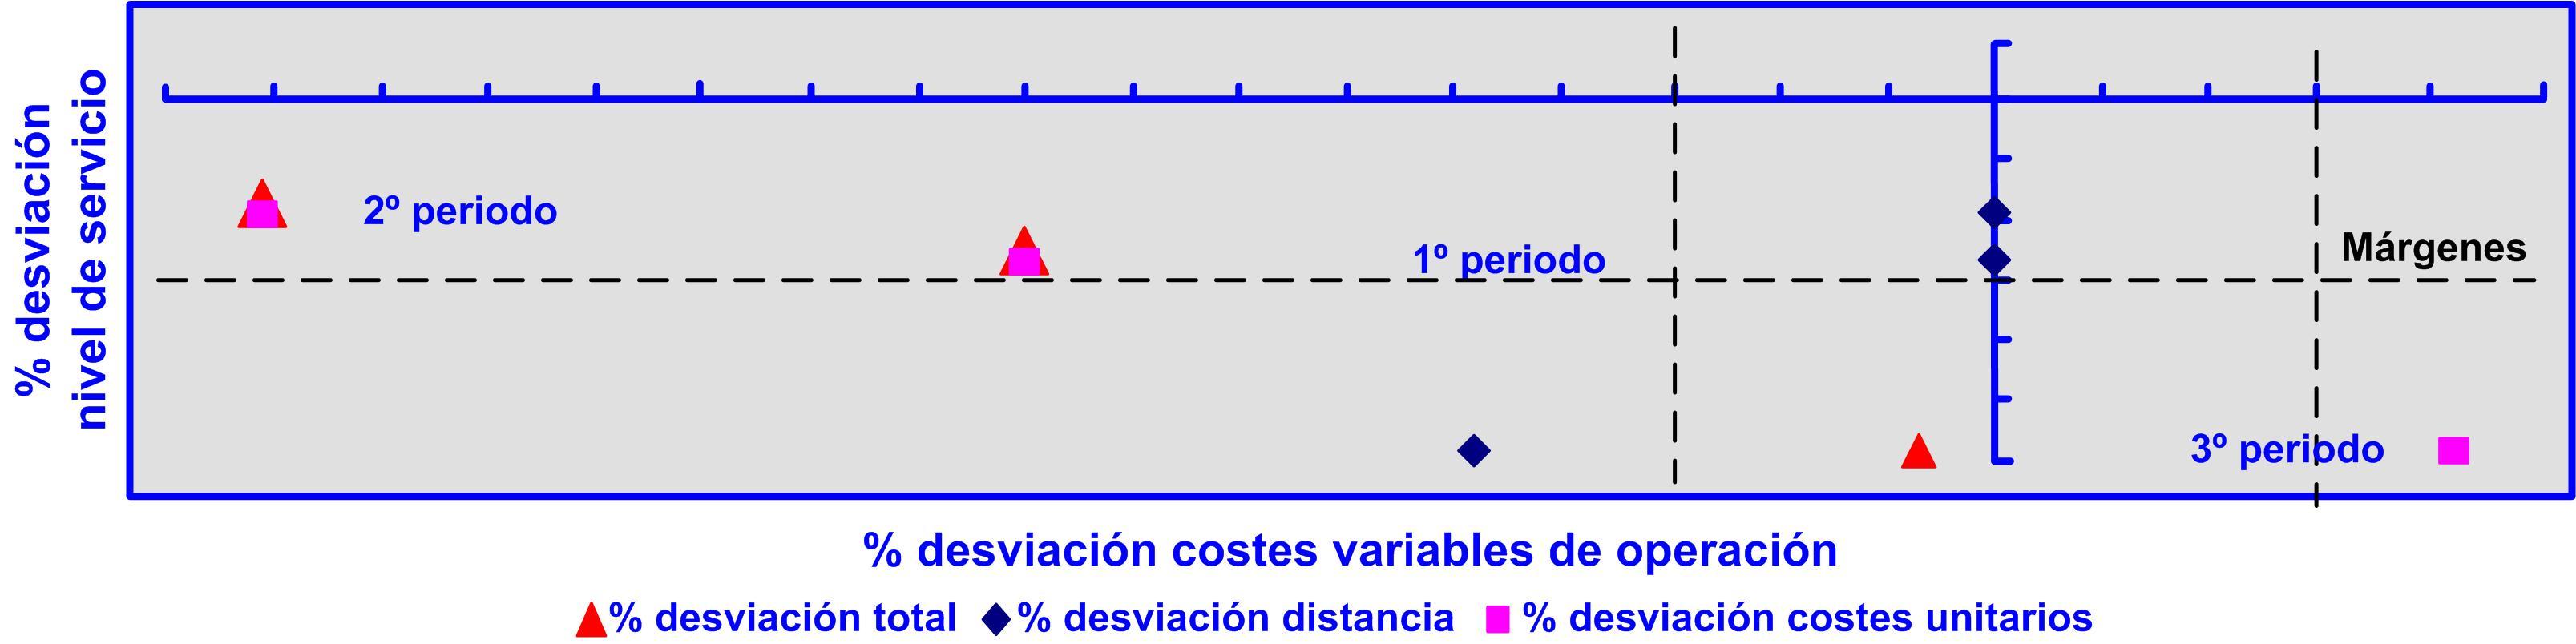 Gráfico 43 desviación costes variables de operación y nivel de servicio en el largo plazo. 18122015 Evolución largo plazo